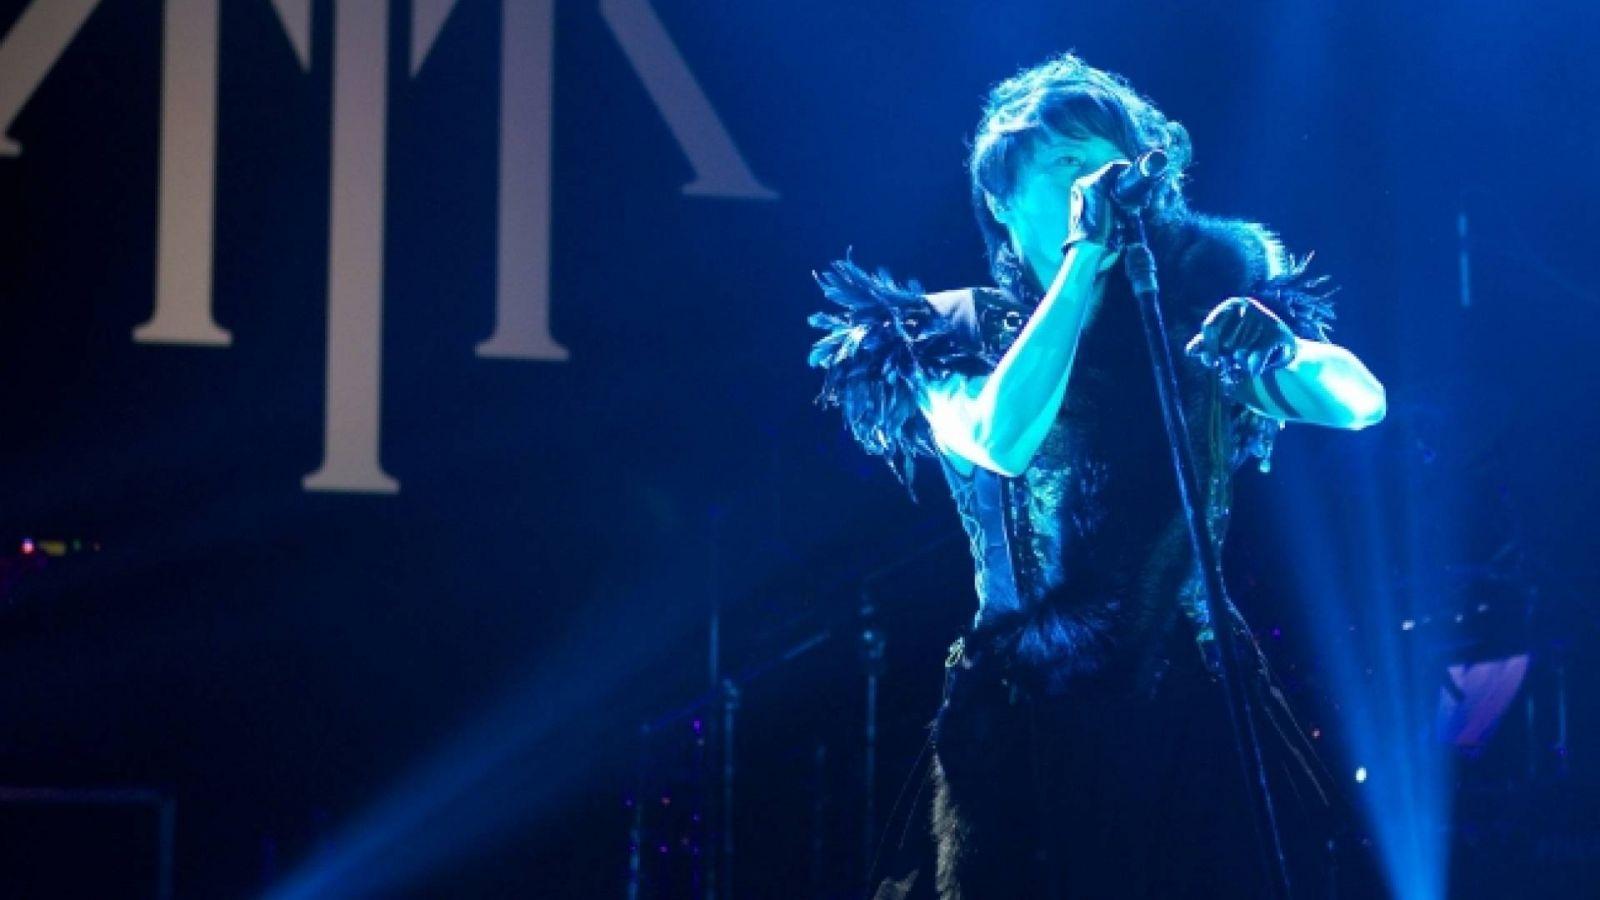 T.M. Revolution Live at Otakon's 20th Anniversary © David Weaver